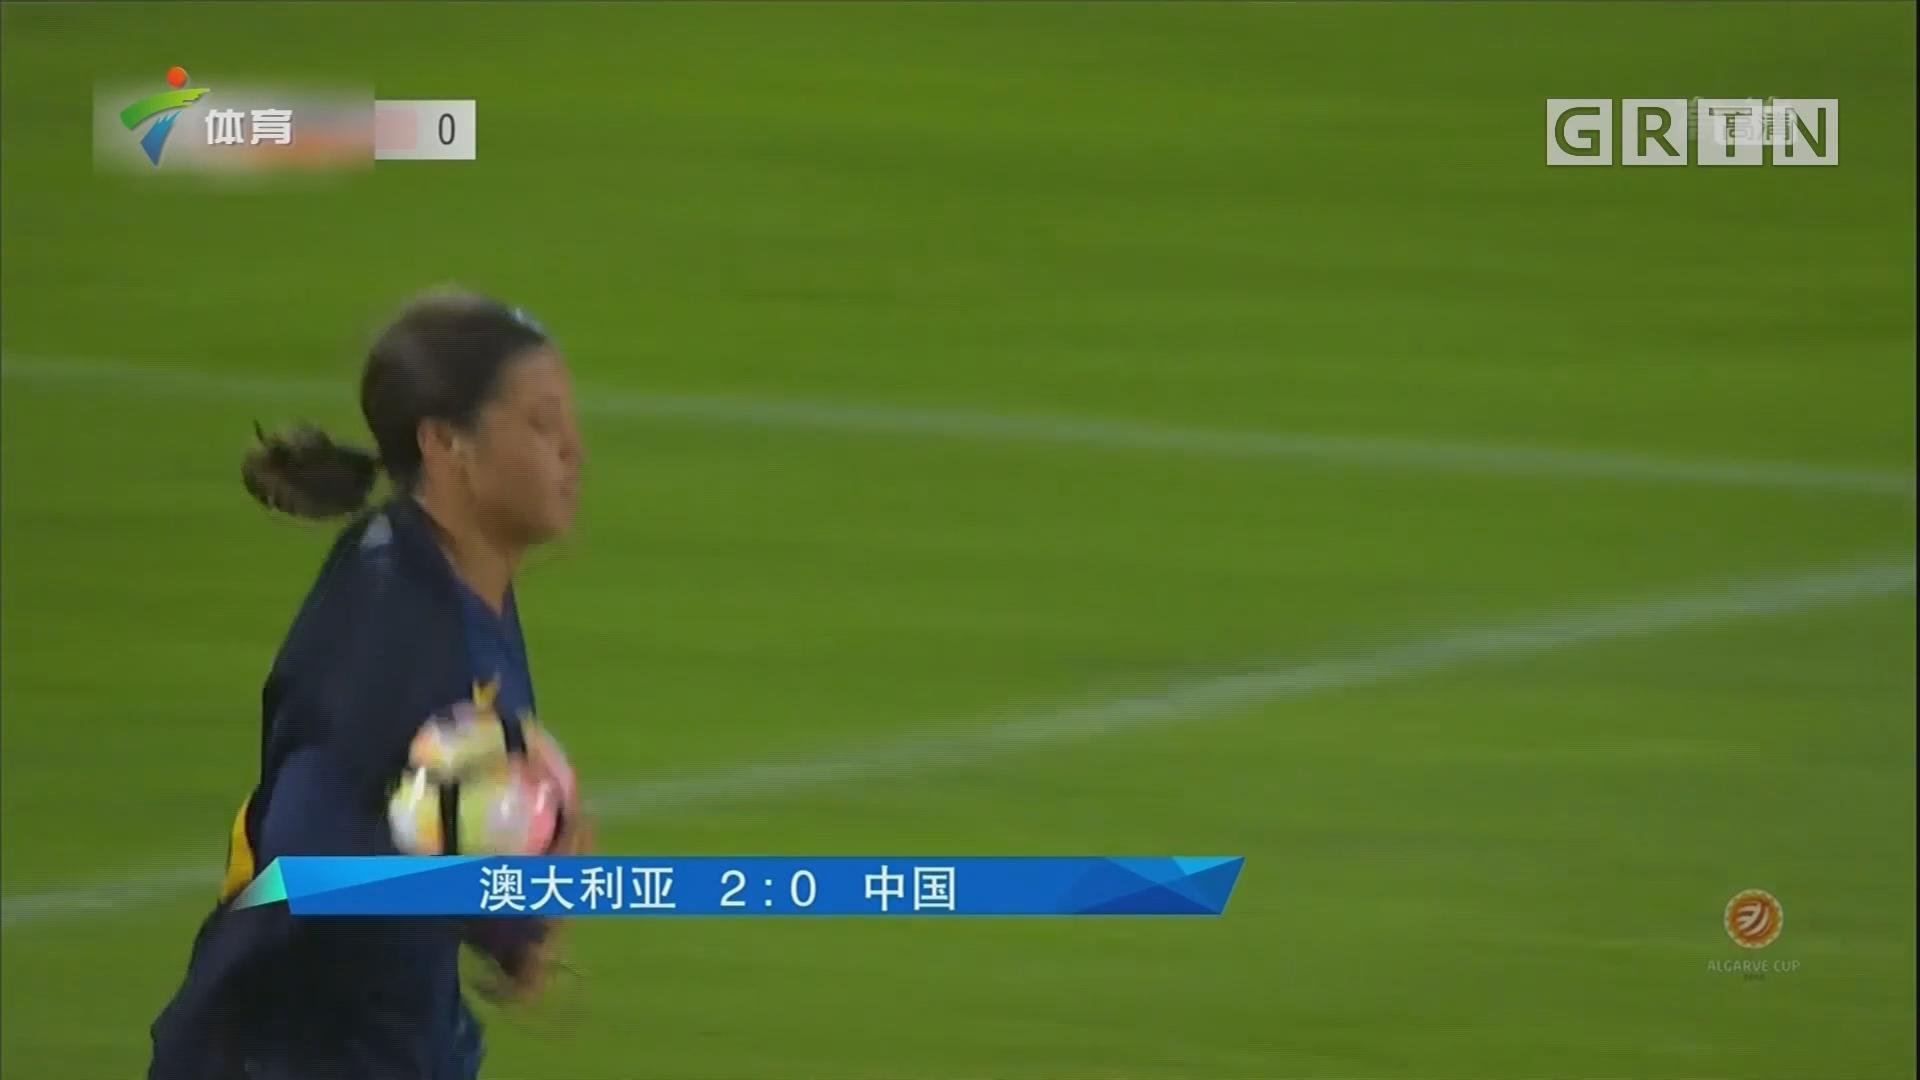 阿尔加夫杯三战皆负 中国队小组垫底